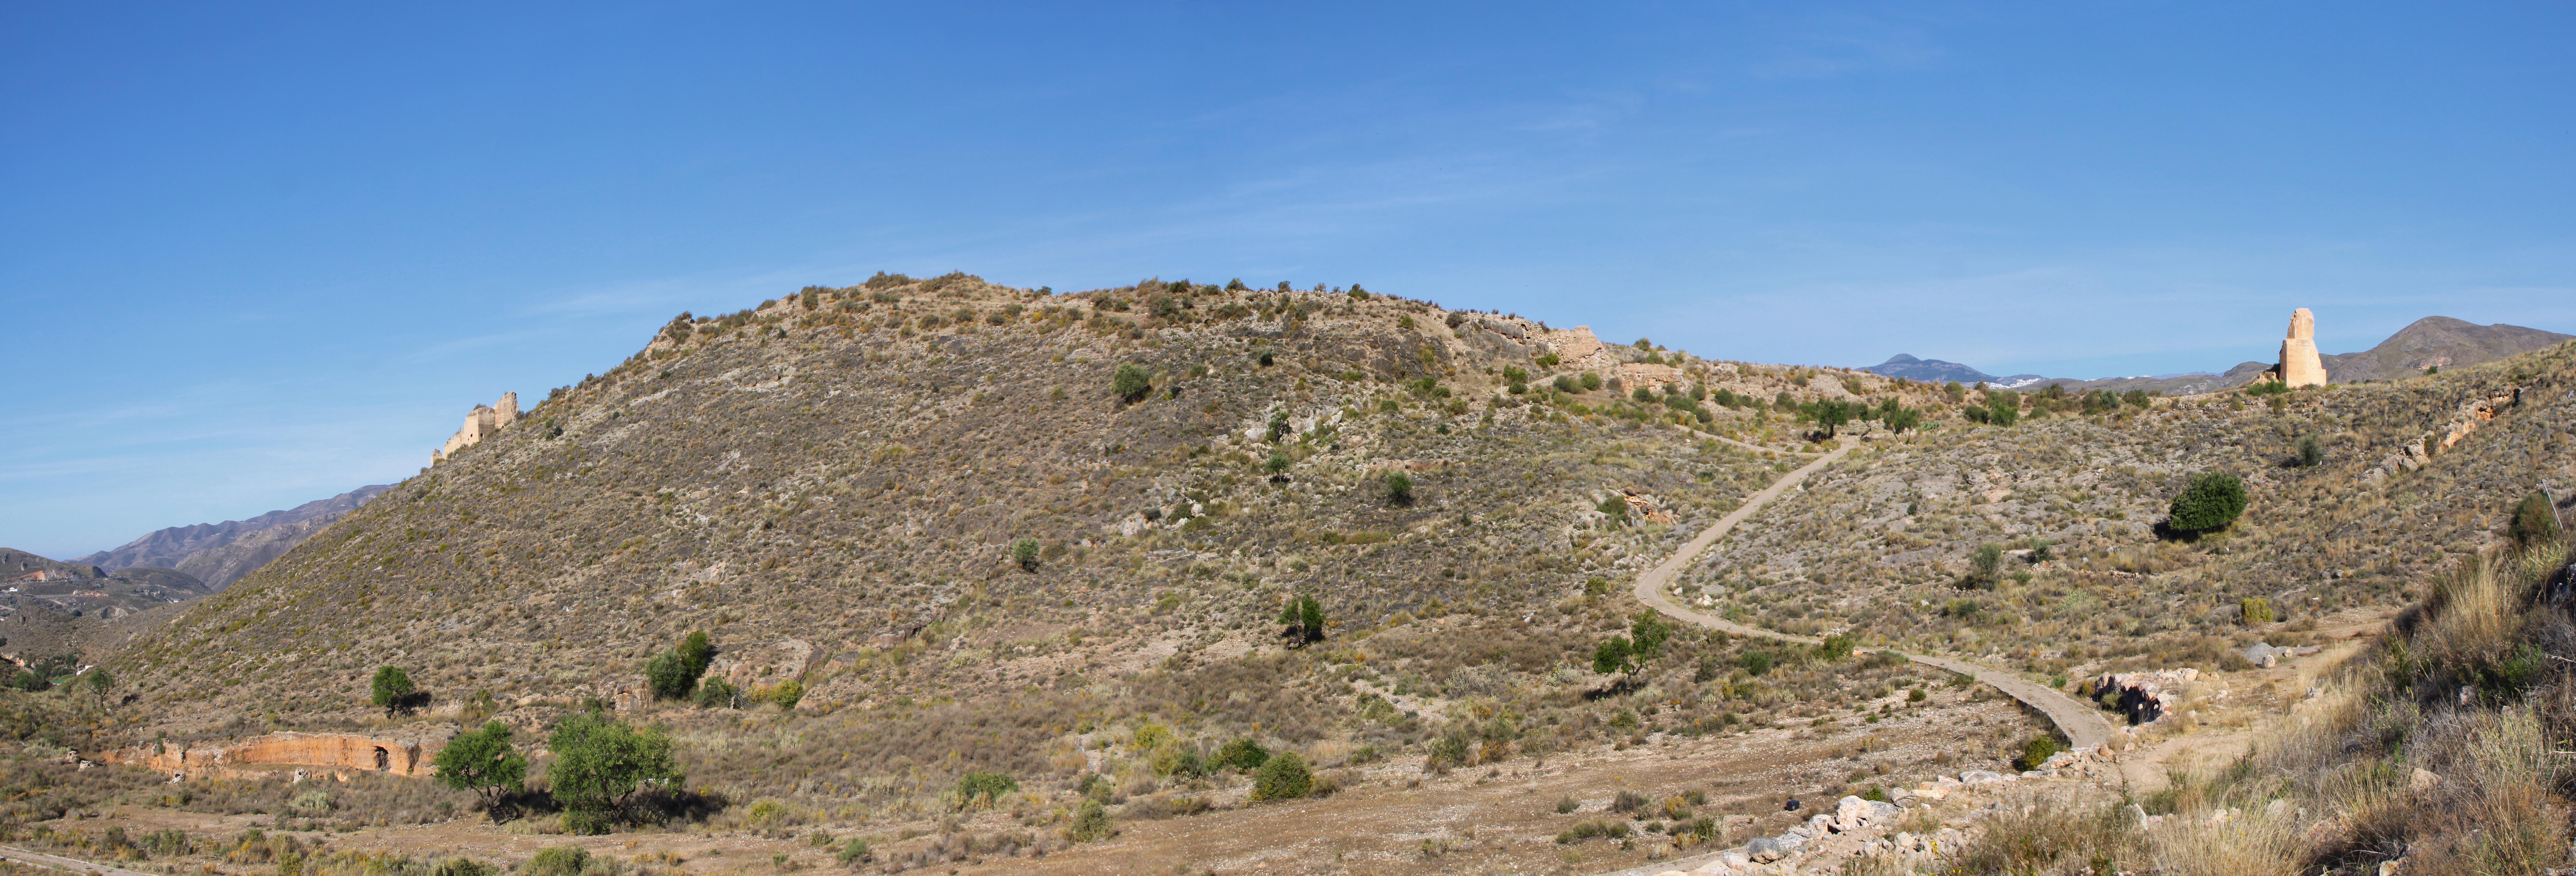 Restos de la muralla de la Alcazaba de Villavieja, con la torre albarrana en su extremo. © Fotografía: Pako Manzano